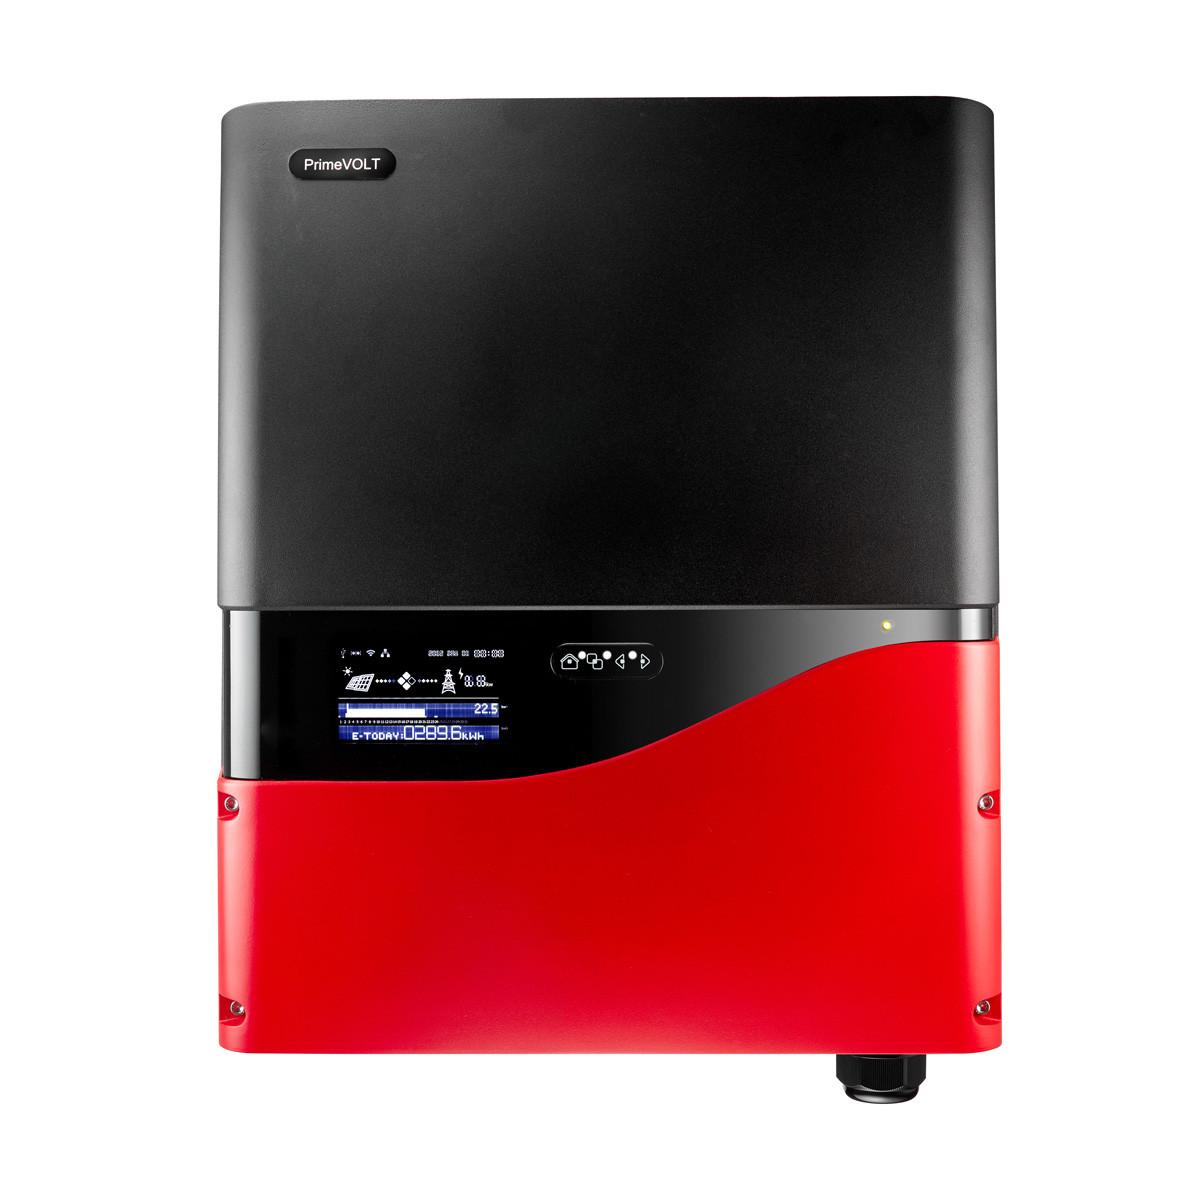 Трехфазный сетевой инвертор PrimeVOLT PV-15000 T-U 15 кВт